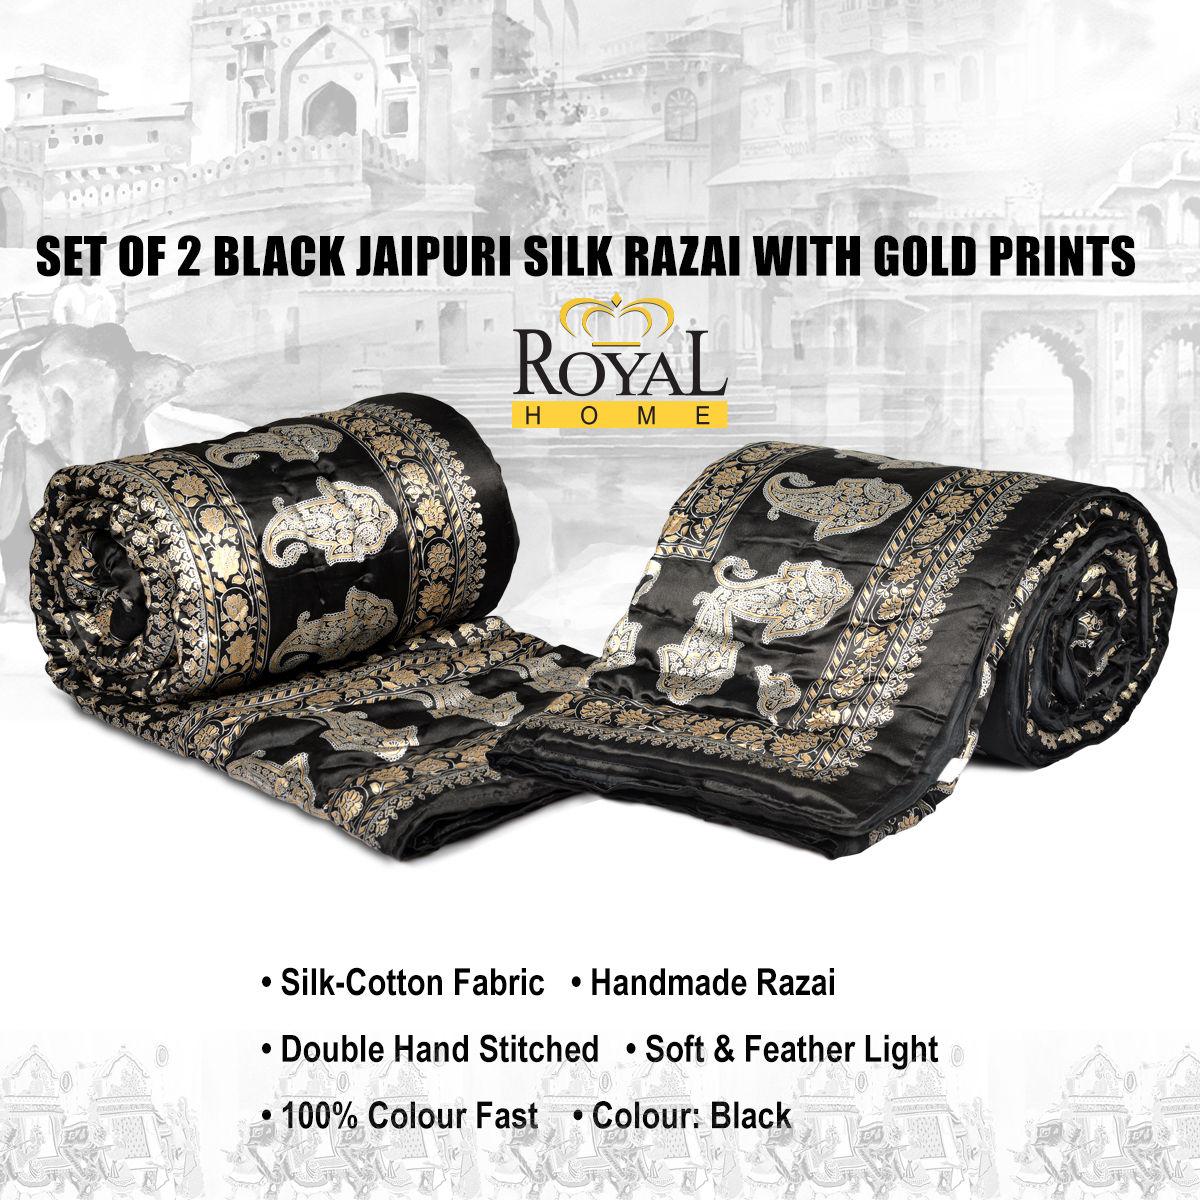 Buy Set of 2 Black Jaipuri Silk Razai with Gold Prints Online at ...